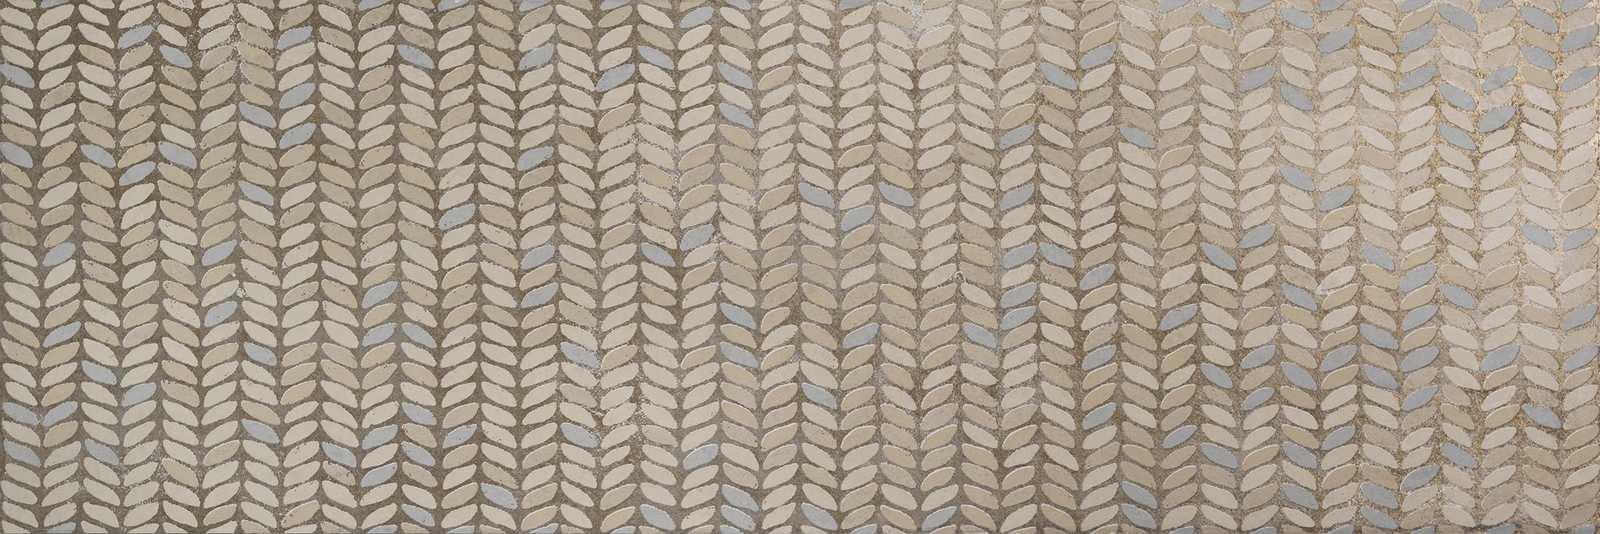 Декор Fresco Decoro Leaves Desert/Truffle 32,5x97,7